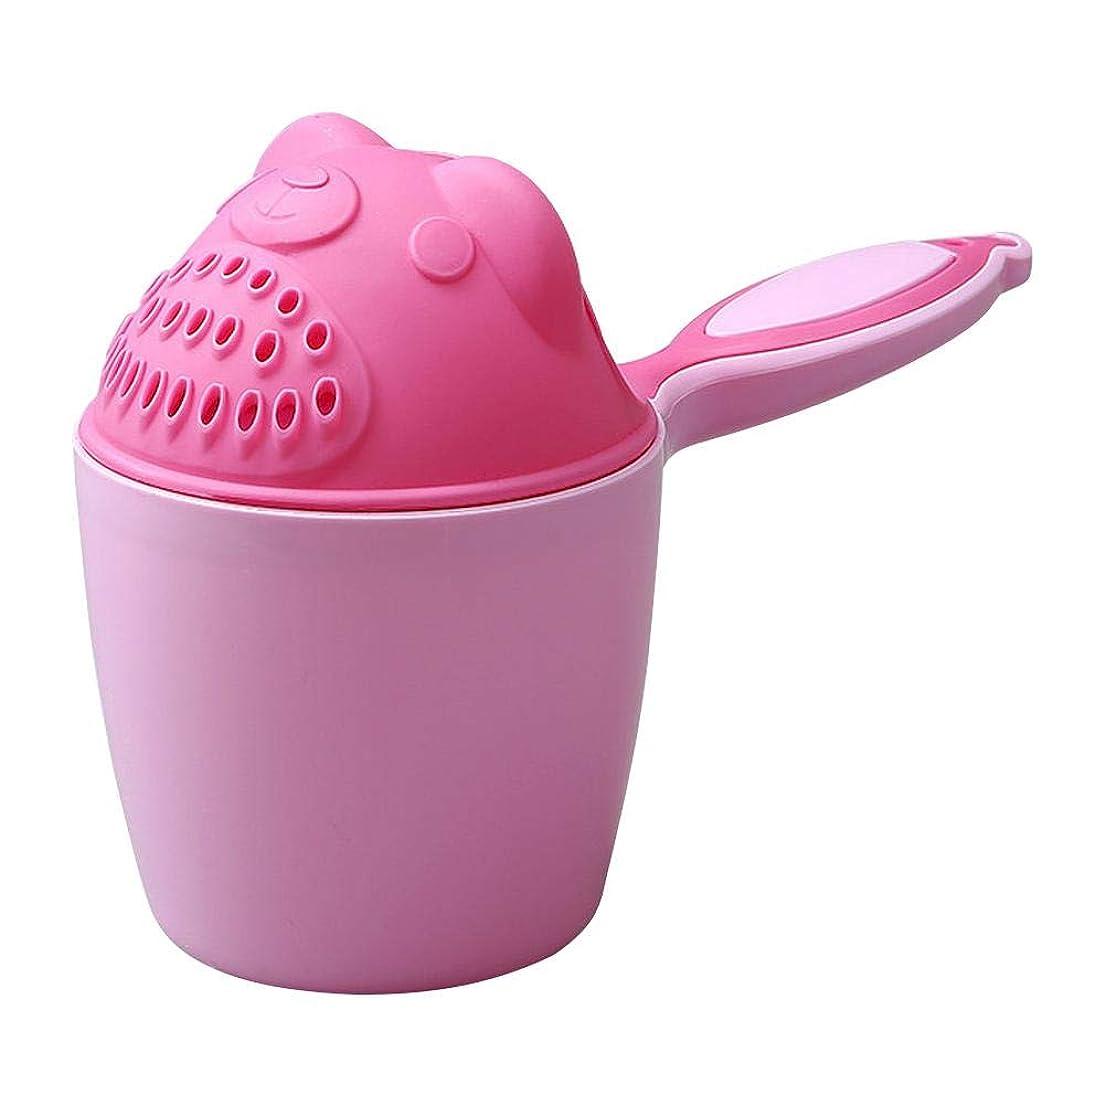 できればジュース姓Domybest シャンプーカップ 洗髪カップ 散水カップ お風呂おもちゃ 可愛い 熊 ベビー 赤ちゃん バスおもちゃ 洗髪用品 シャワーバスカップ スプーン 子供用 水遊び